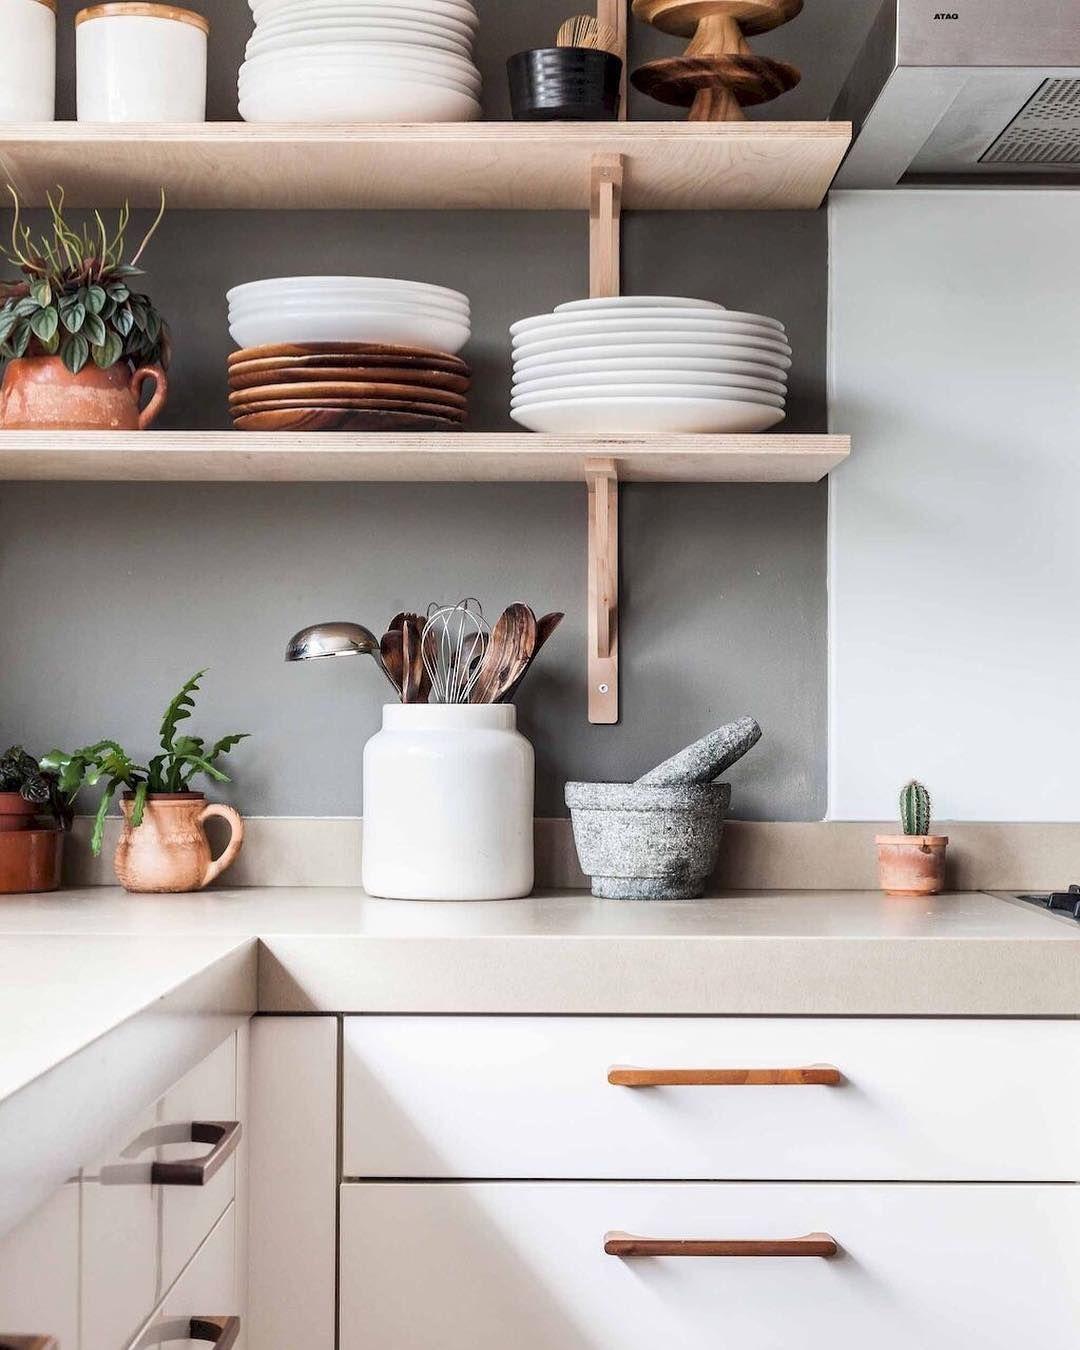 Open Kitchen Cocina Con Repisas Abiertas Cocina Kitchen Home